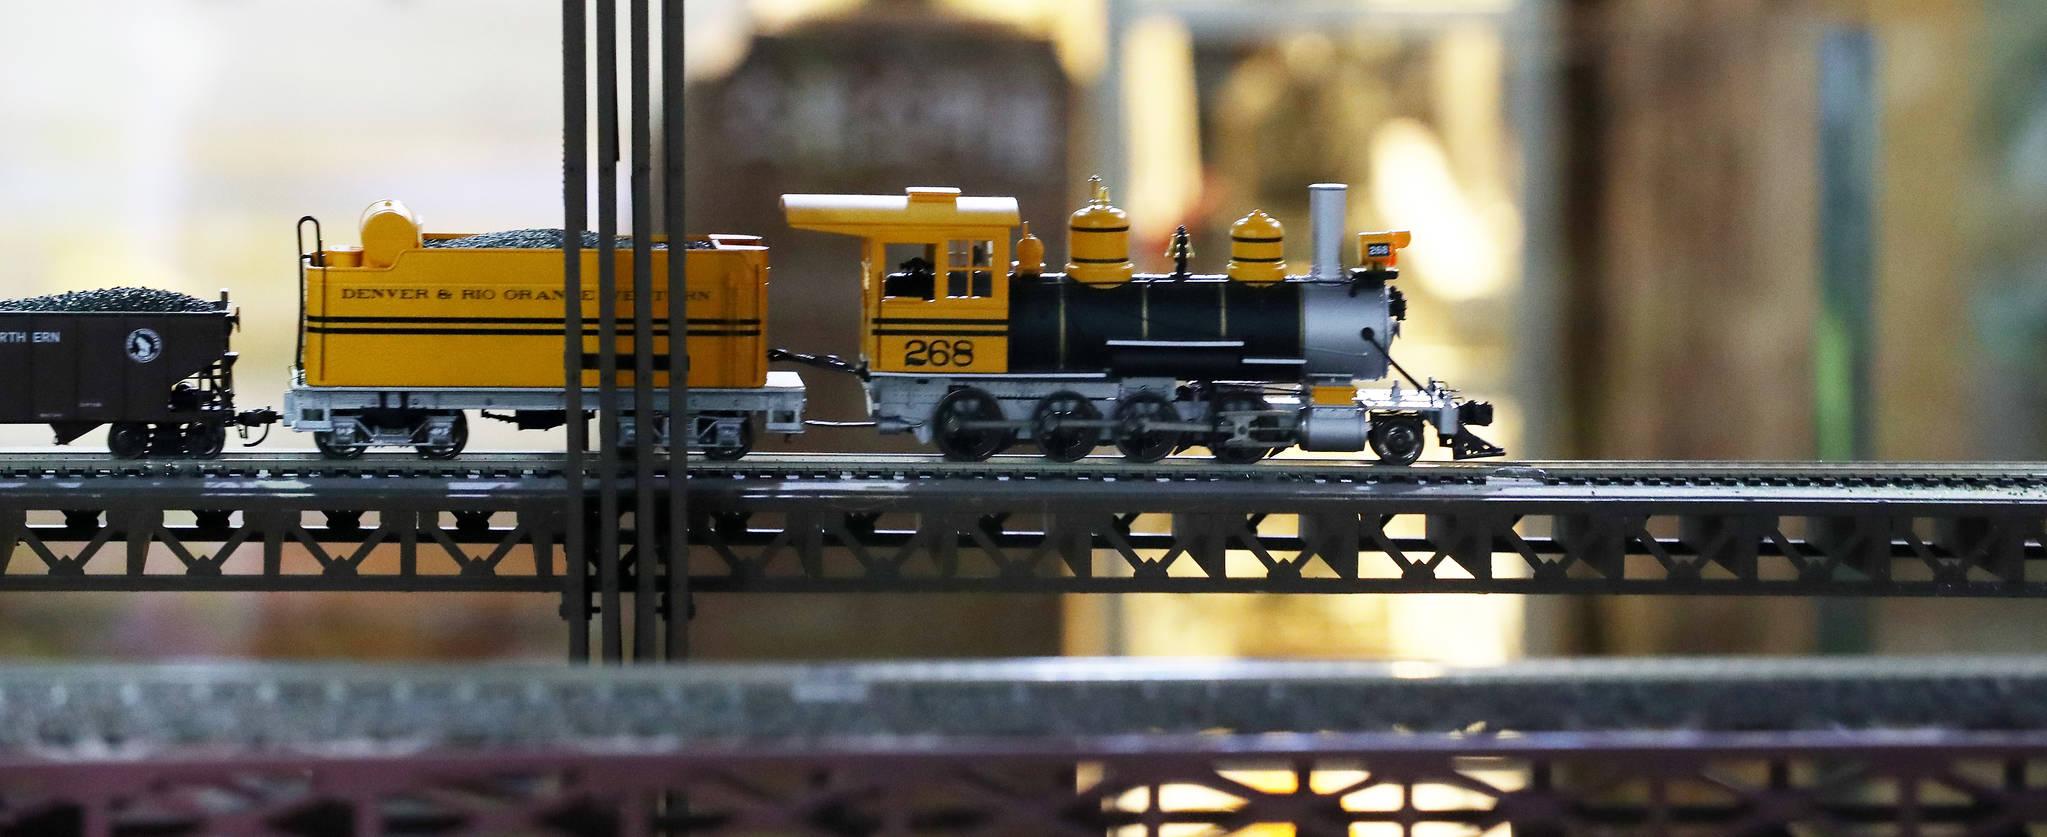 철제 교량과 터널 등 아기자기 하게 꾸며진 '철도마을'과 철로 위를 달리는 원색의 기차는 박물관을 찾는 아이들의 마음을 사로잡기에 그만이다. 우상조 기자